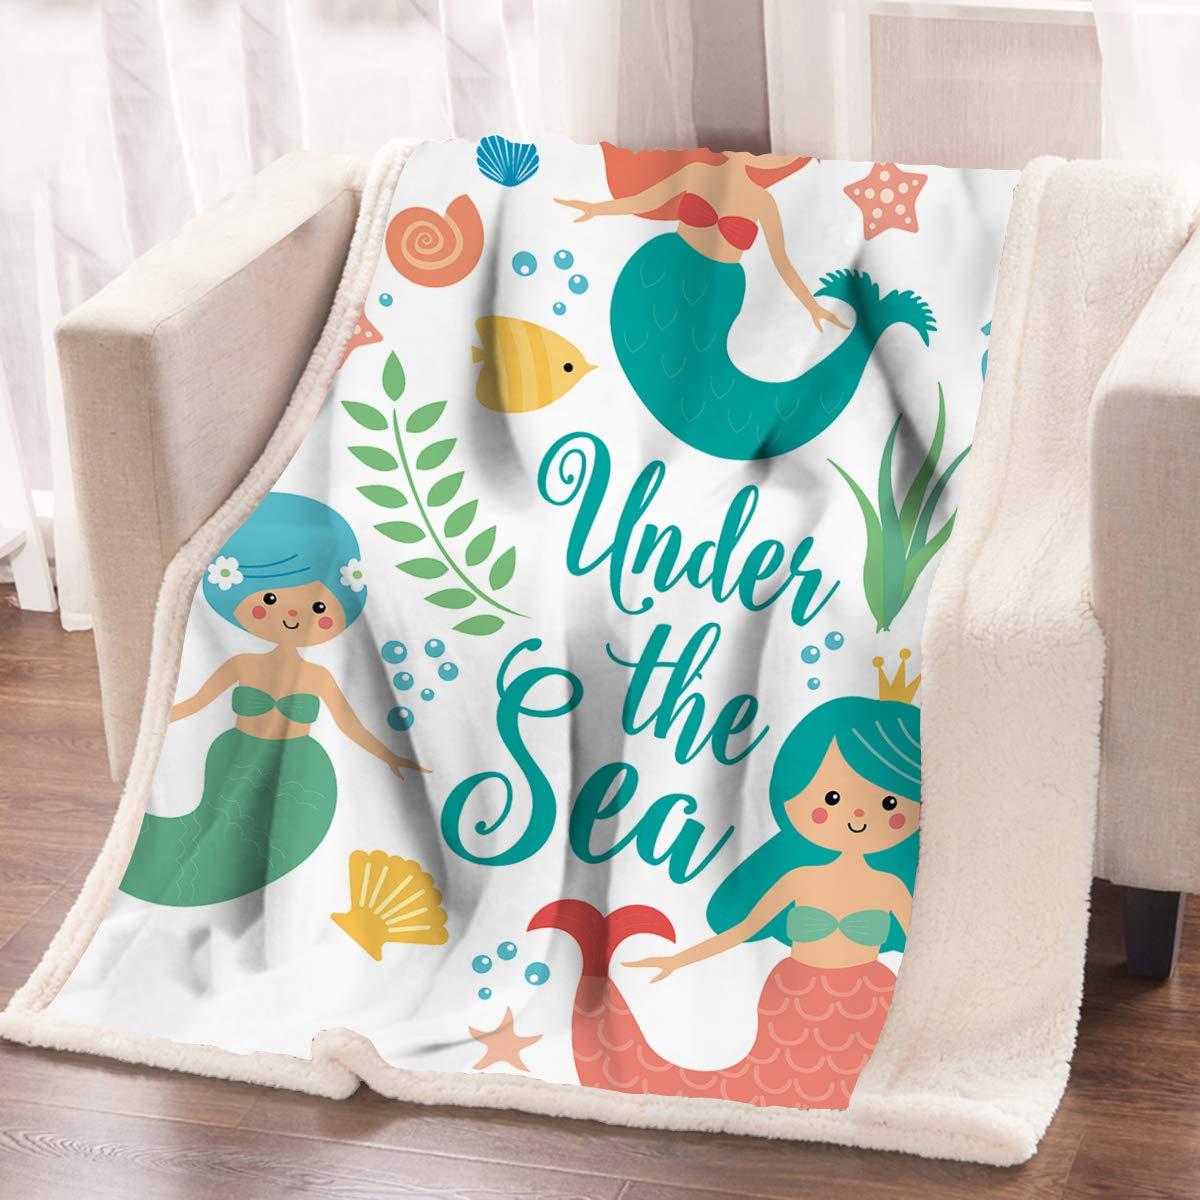 ARIGHTEX Mermaid Print Blanket Girls Fleece Throw Blanket Under The Sea Soft Blanket Teal Kids Sherpa Blanket (50 x 60 Inches)